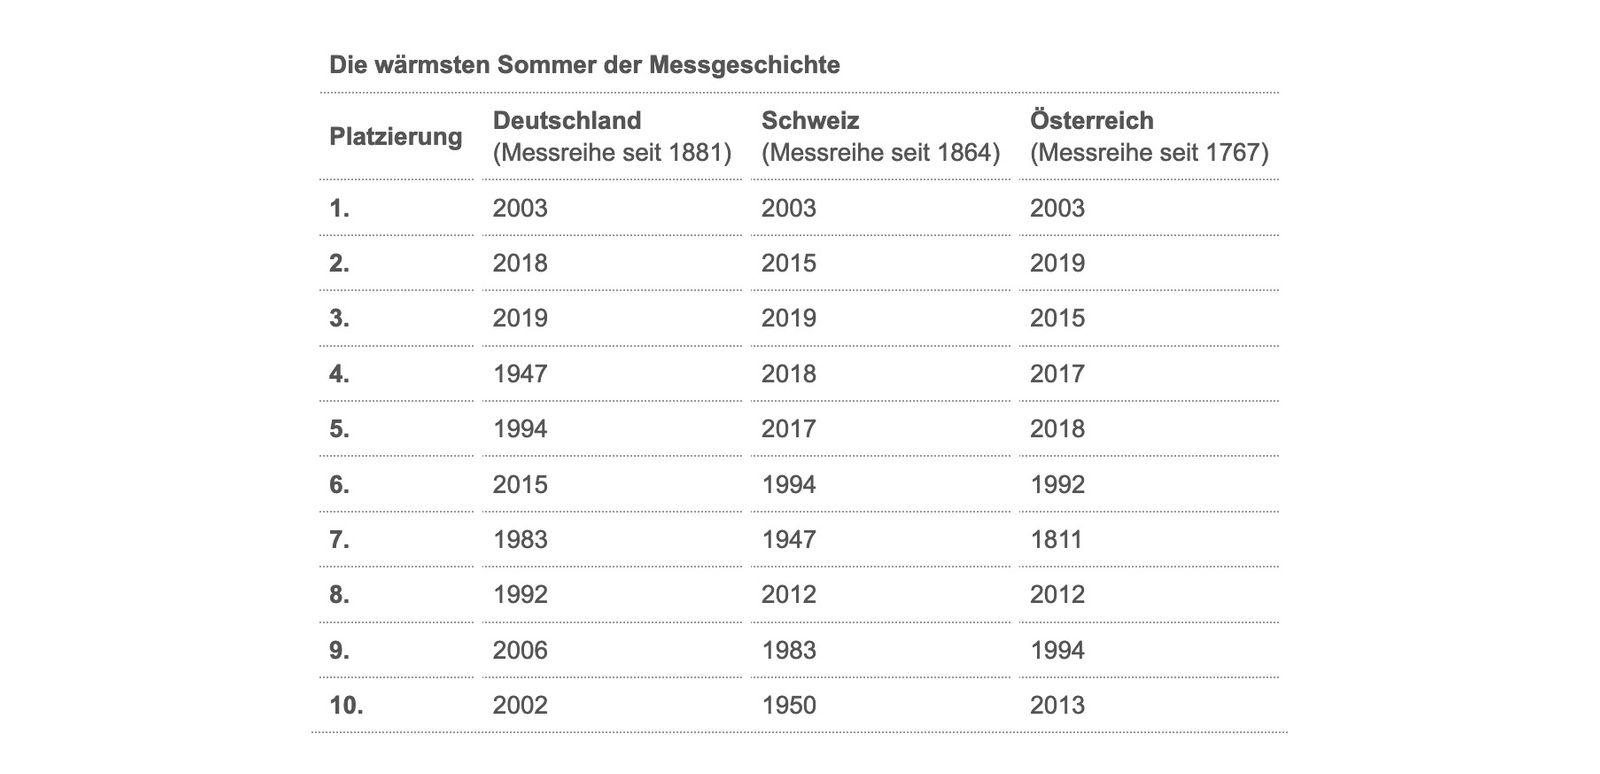 Die wärmsten Sommer der Messgeschichte